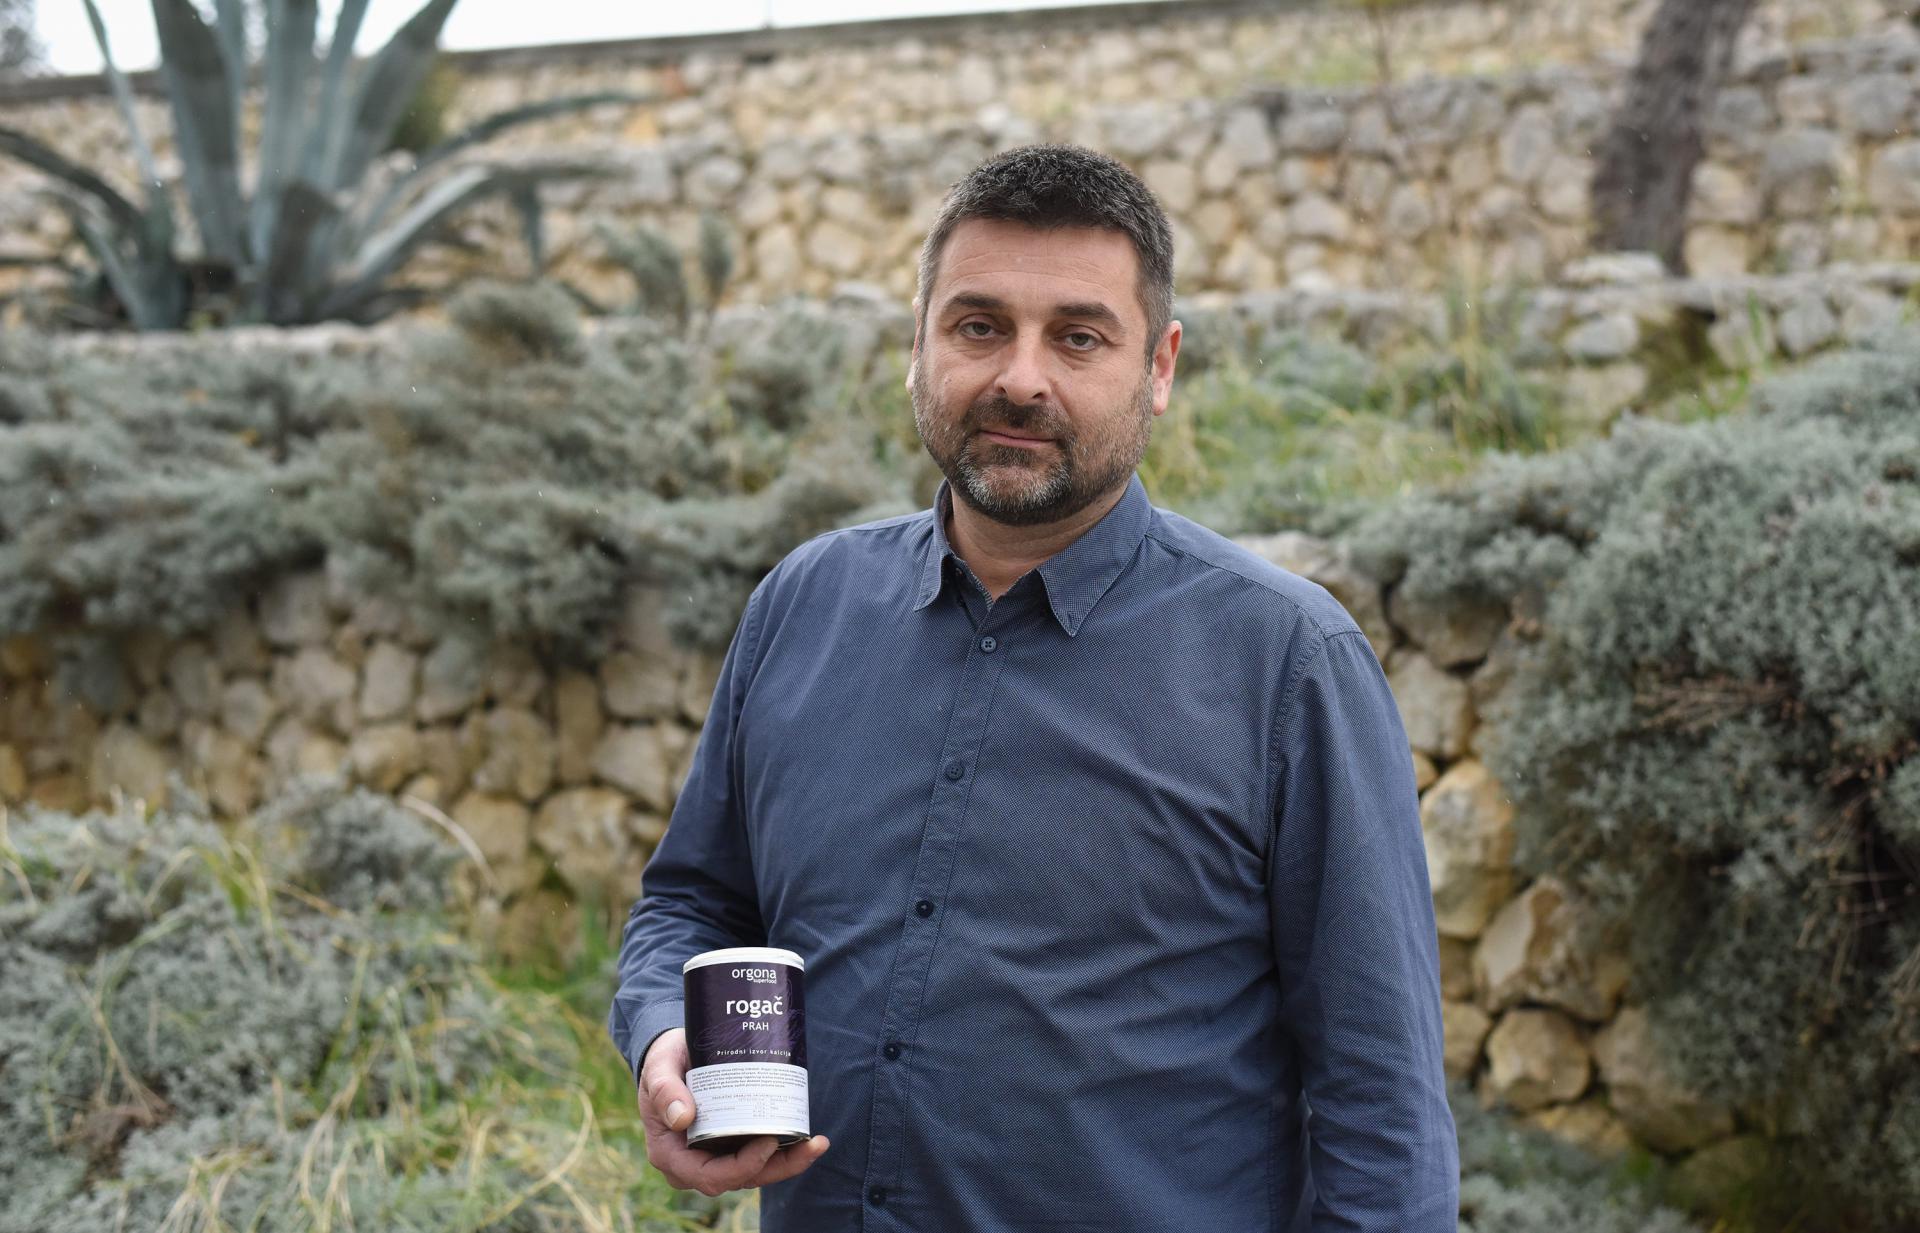 Vlasnik 'Bio svijeta' Marin Medić iz Neviđana ishodio je sve dozvole, očistio teren od smeća, ali mu svejedno Bibinjci ne daju saditi rogače